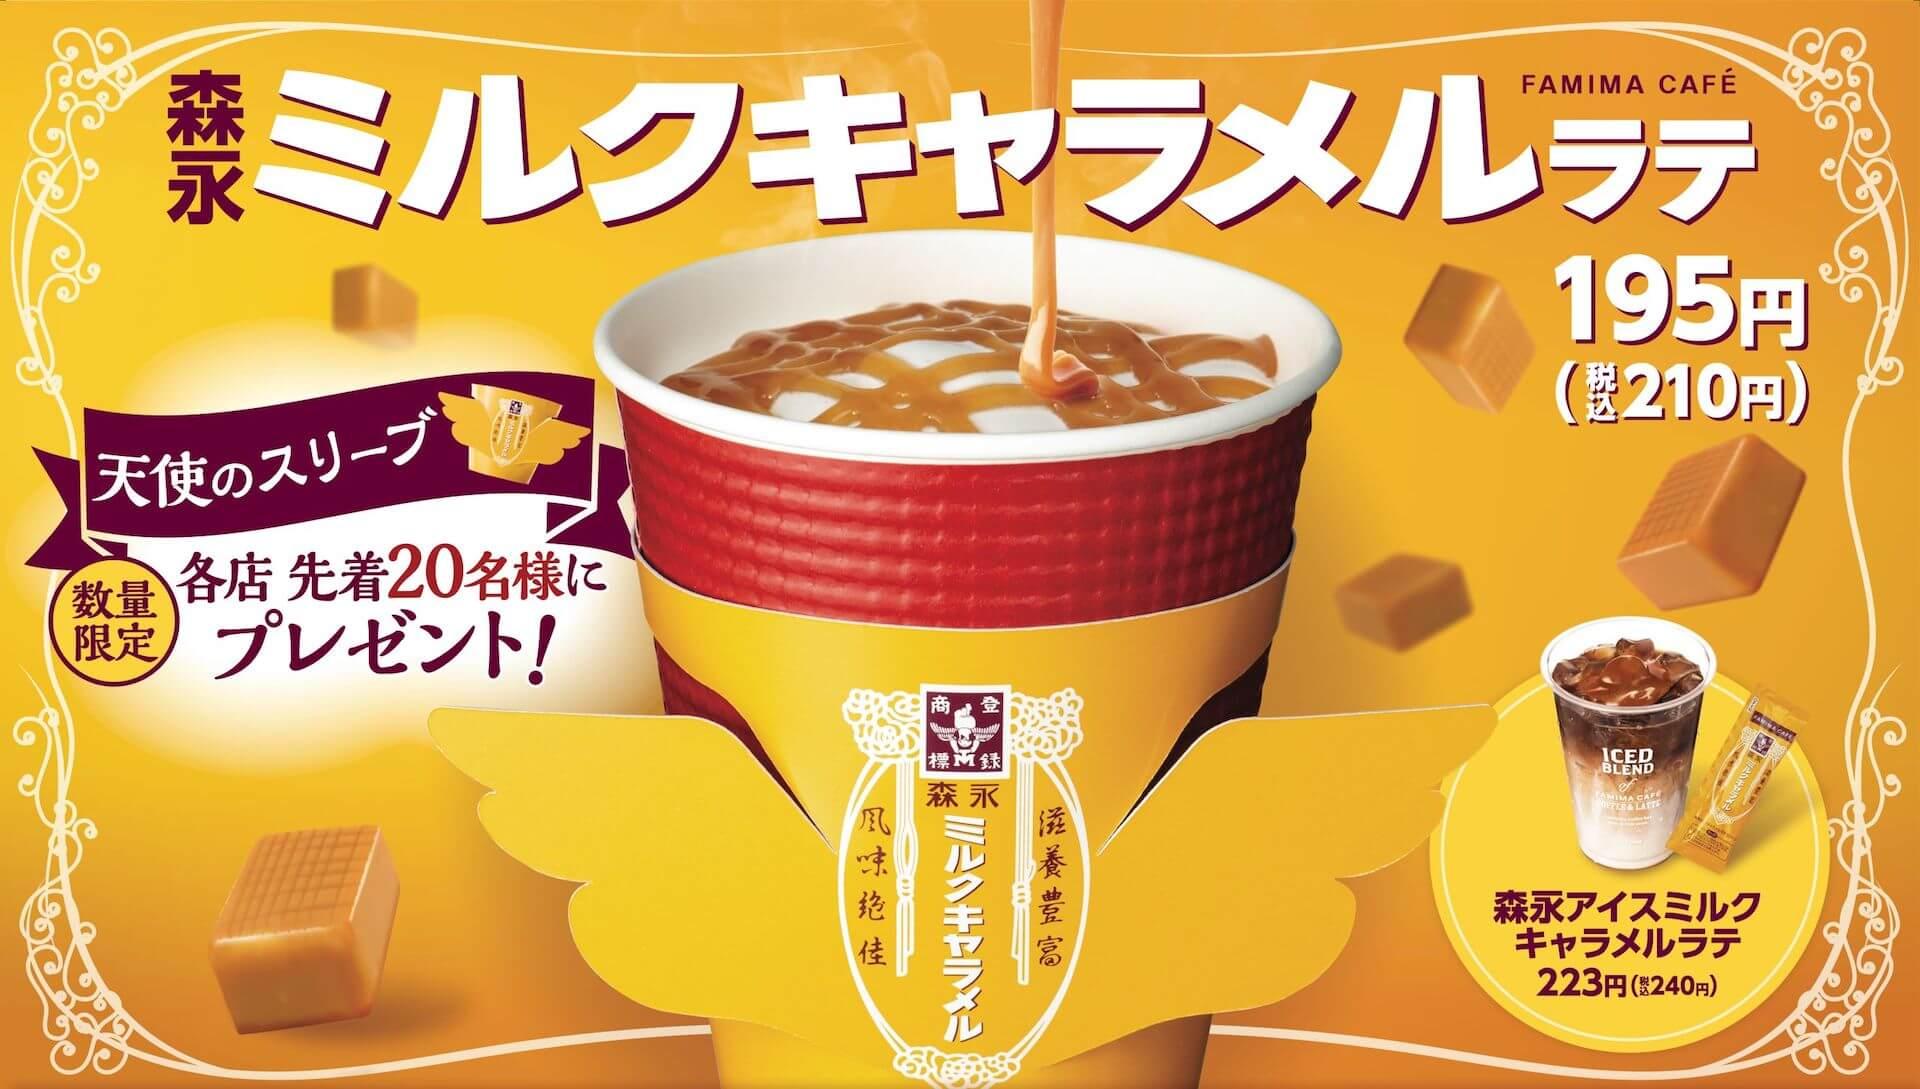 ファミマのラテが「森永ミルクキャラメル」味に!森永ミルクキャラメルラテ&森永ミルクキャラメルふわふわシフォンが登場 gourmet201201_familymart_latte_9